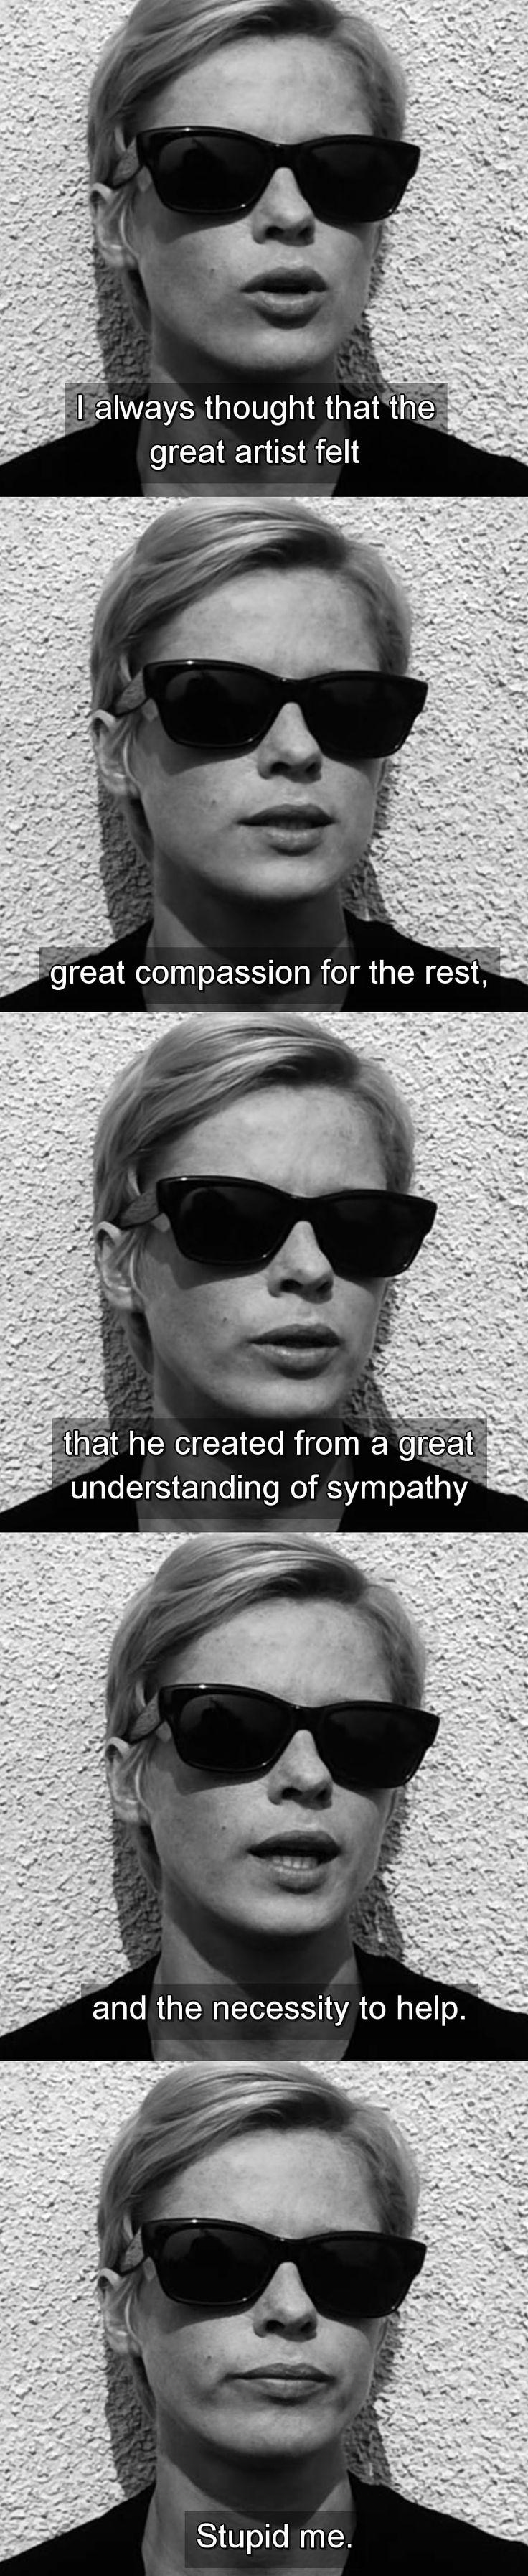 Bibi Andersson in Ingmar Bergman's Persona